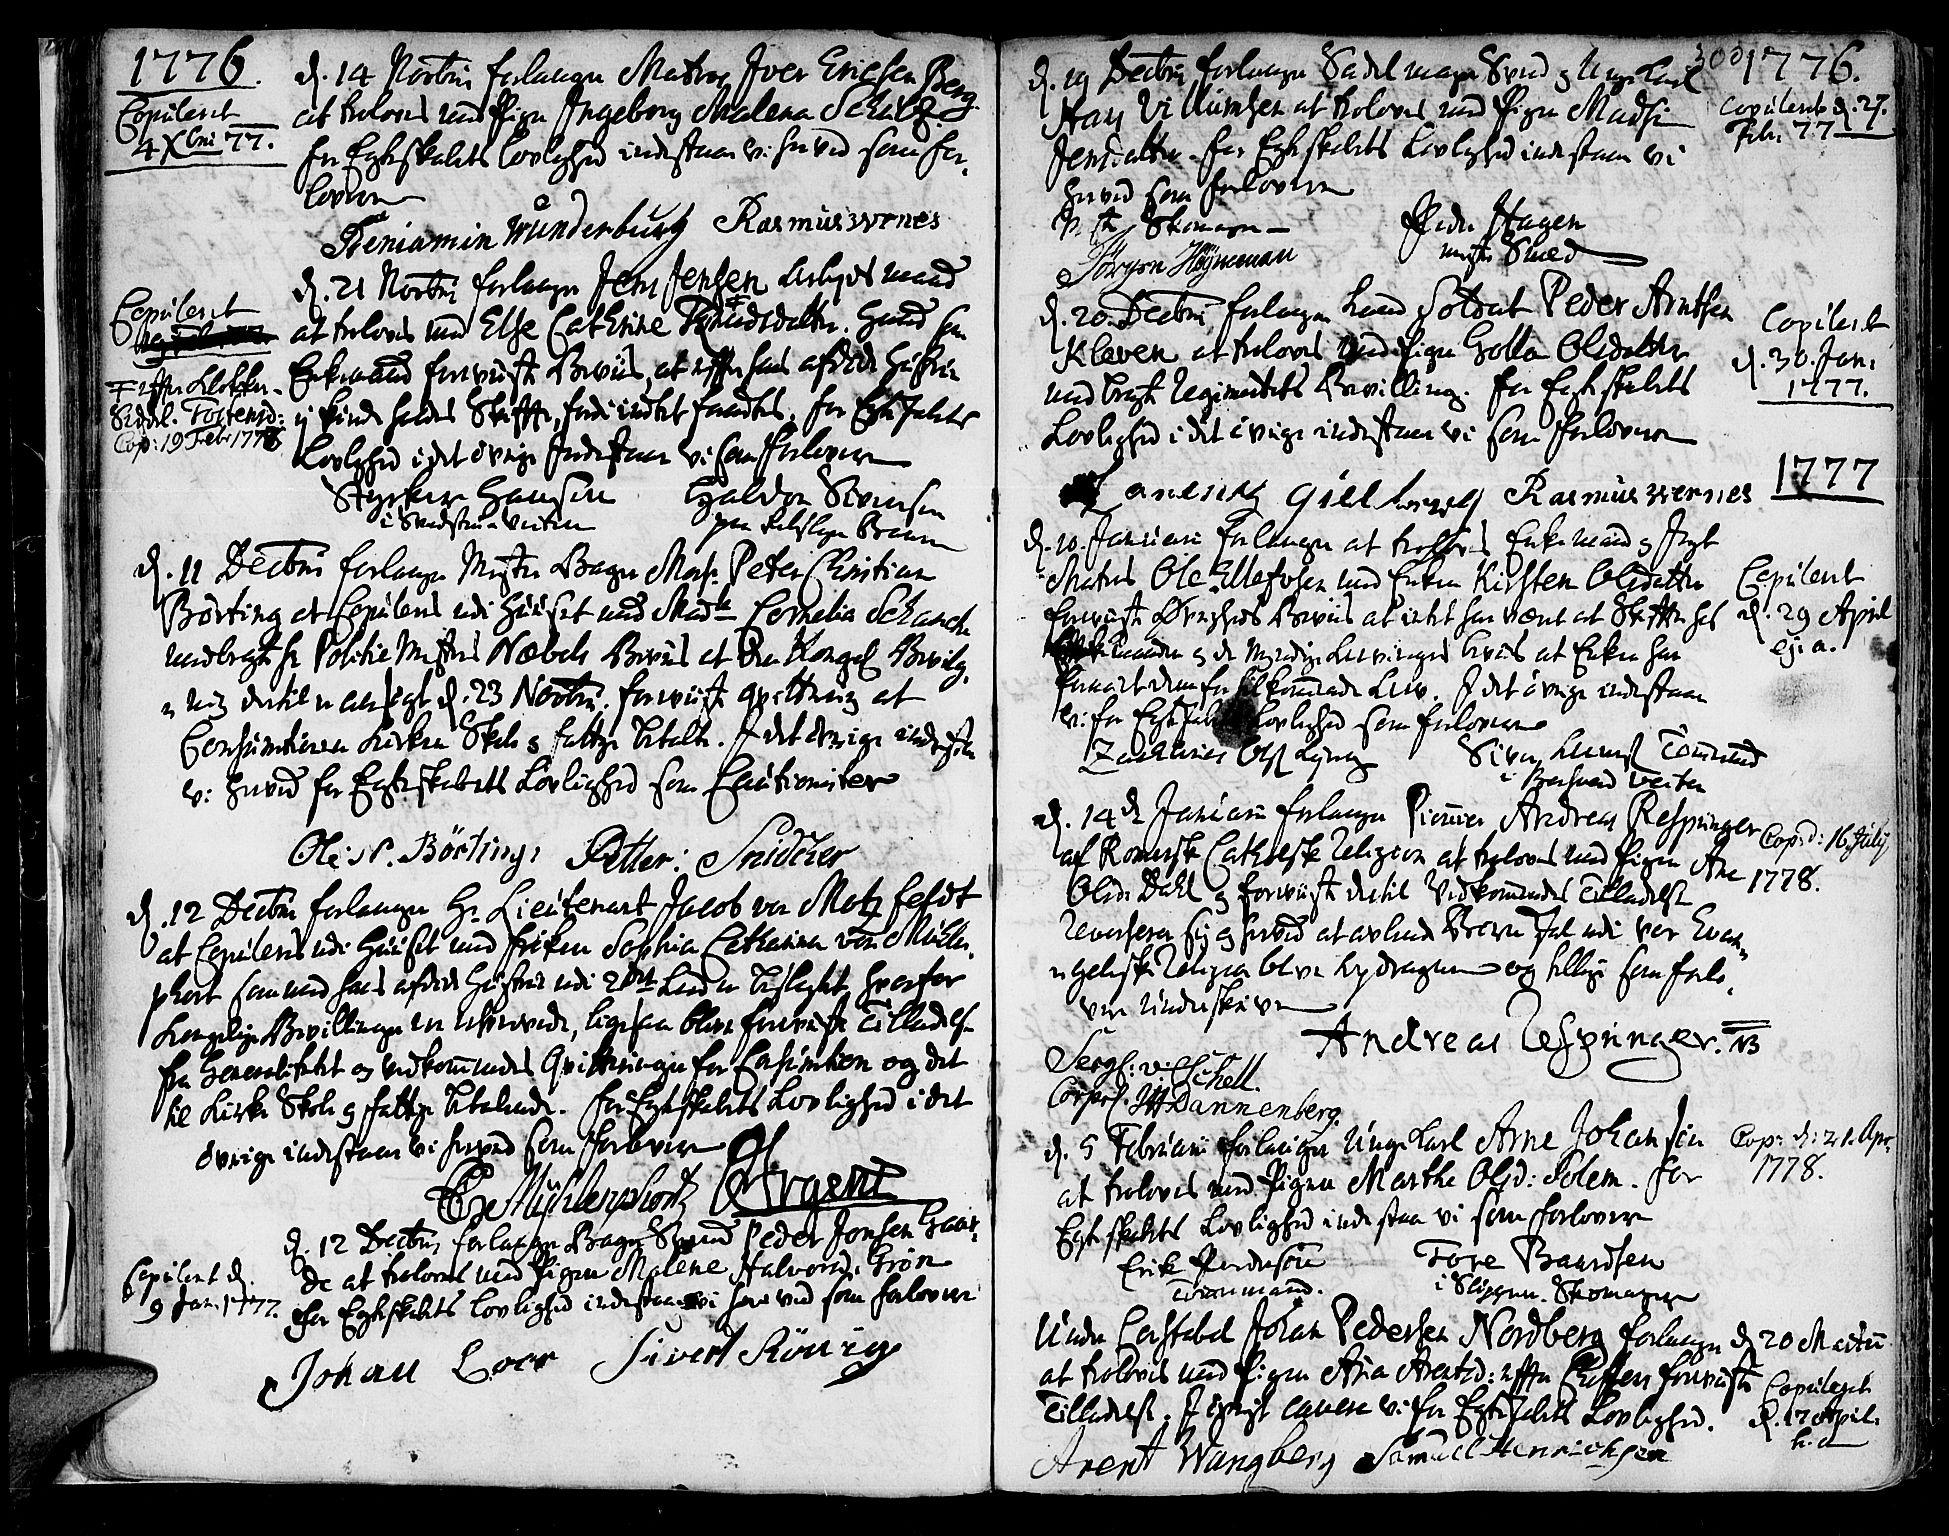 SAT, Ministerialprotokoller, klokkerbøker og fødselsregistre - Sør-Trøndelag, 601/L0038: Ministerialbok nr. 601A06, 1766-1877, s. 300